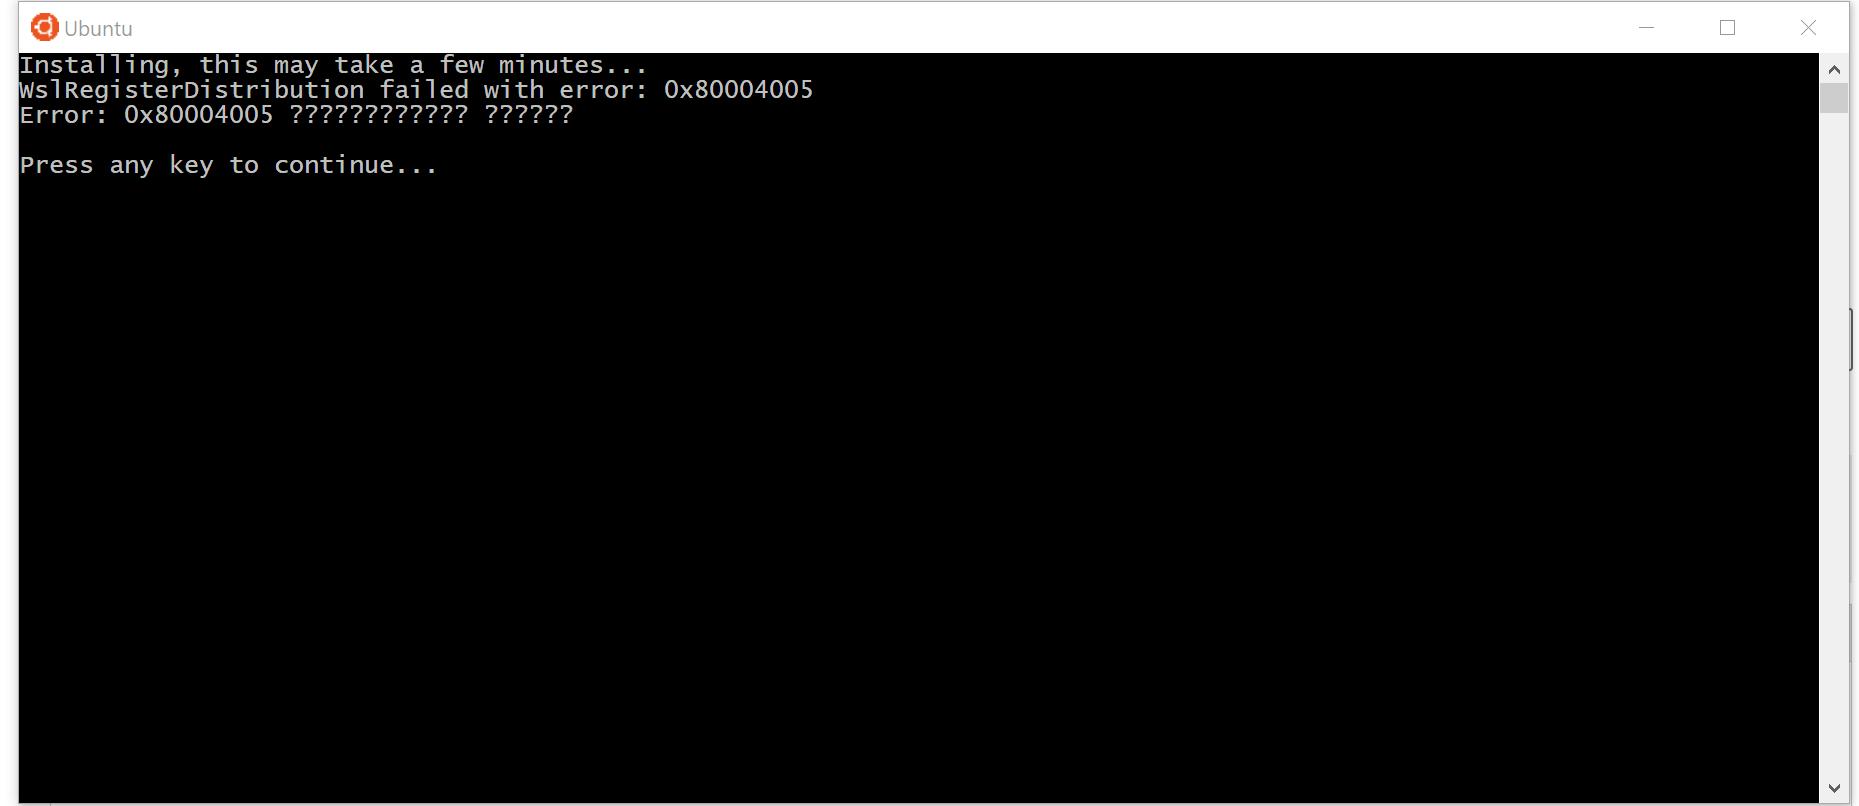 WslRegisterDistribution failed with error: 0x80004005 14894248-111d-412b-8af4-855ec595eda1?upload=true.png